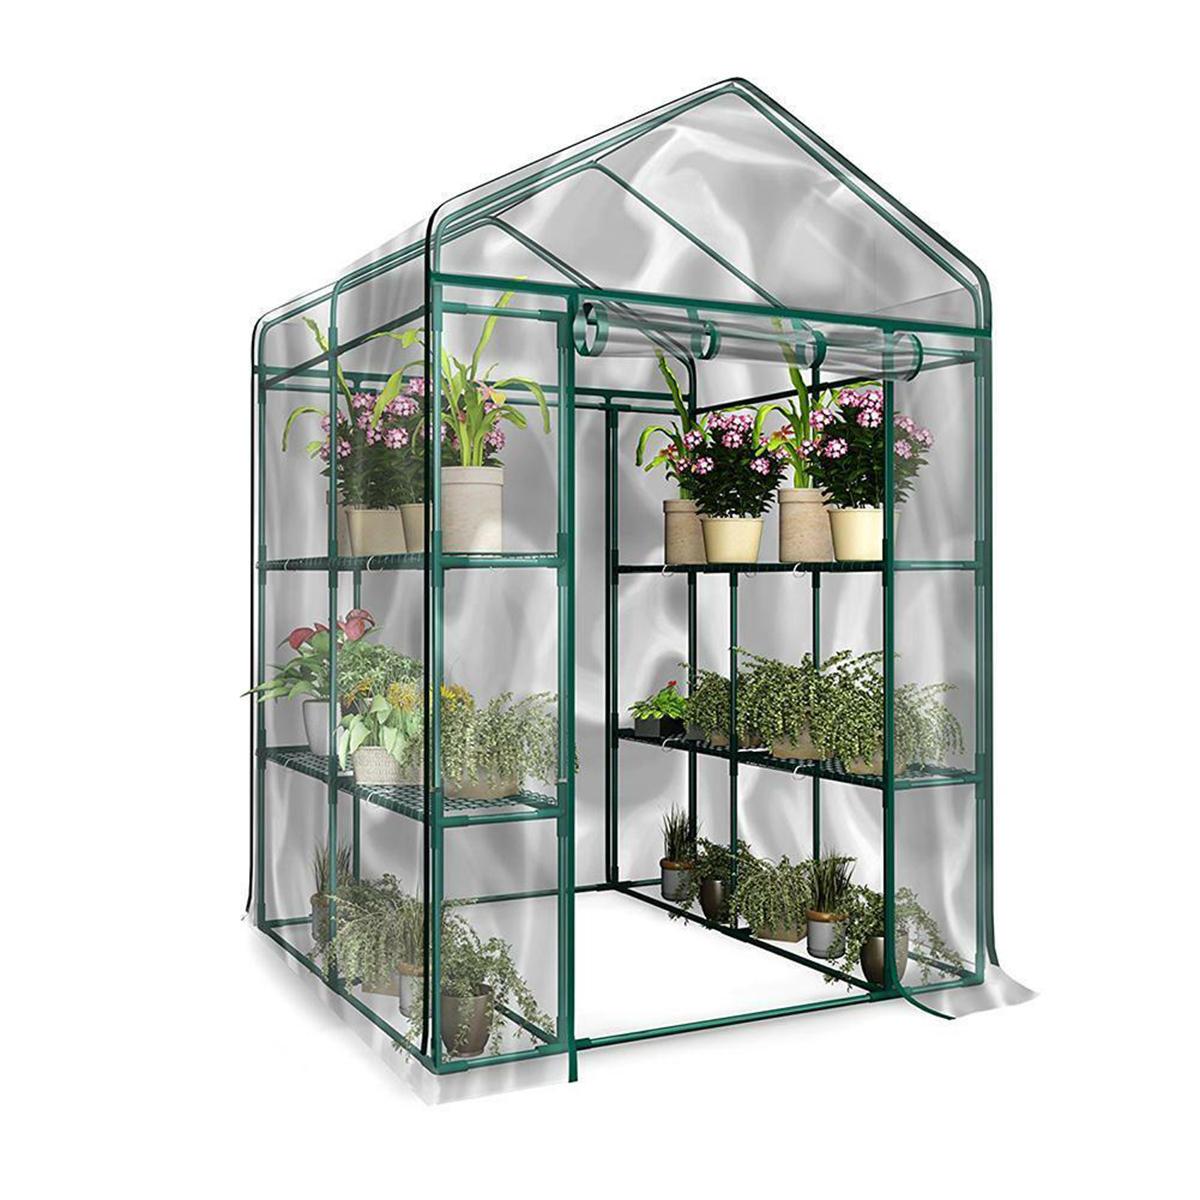 3-Tier Portable Greenhouse 6 Shelves PVC Cover Garden Cover Plants Flower House 143X143X195cm